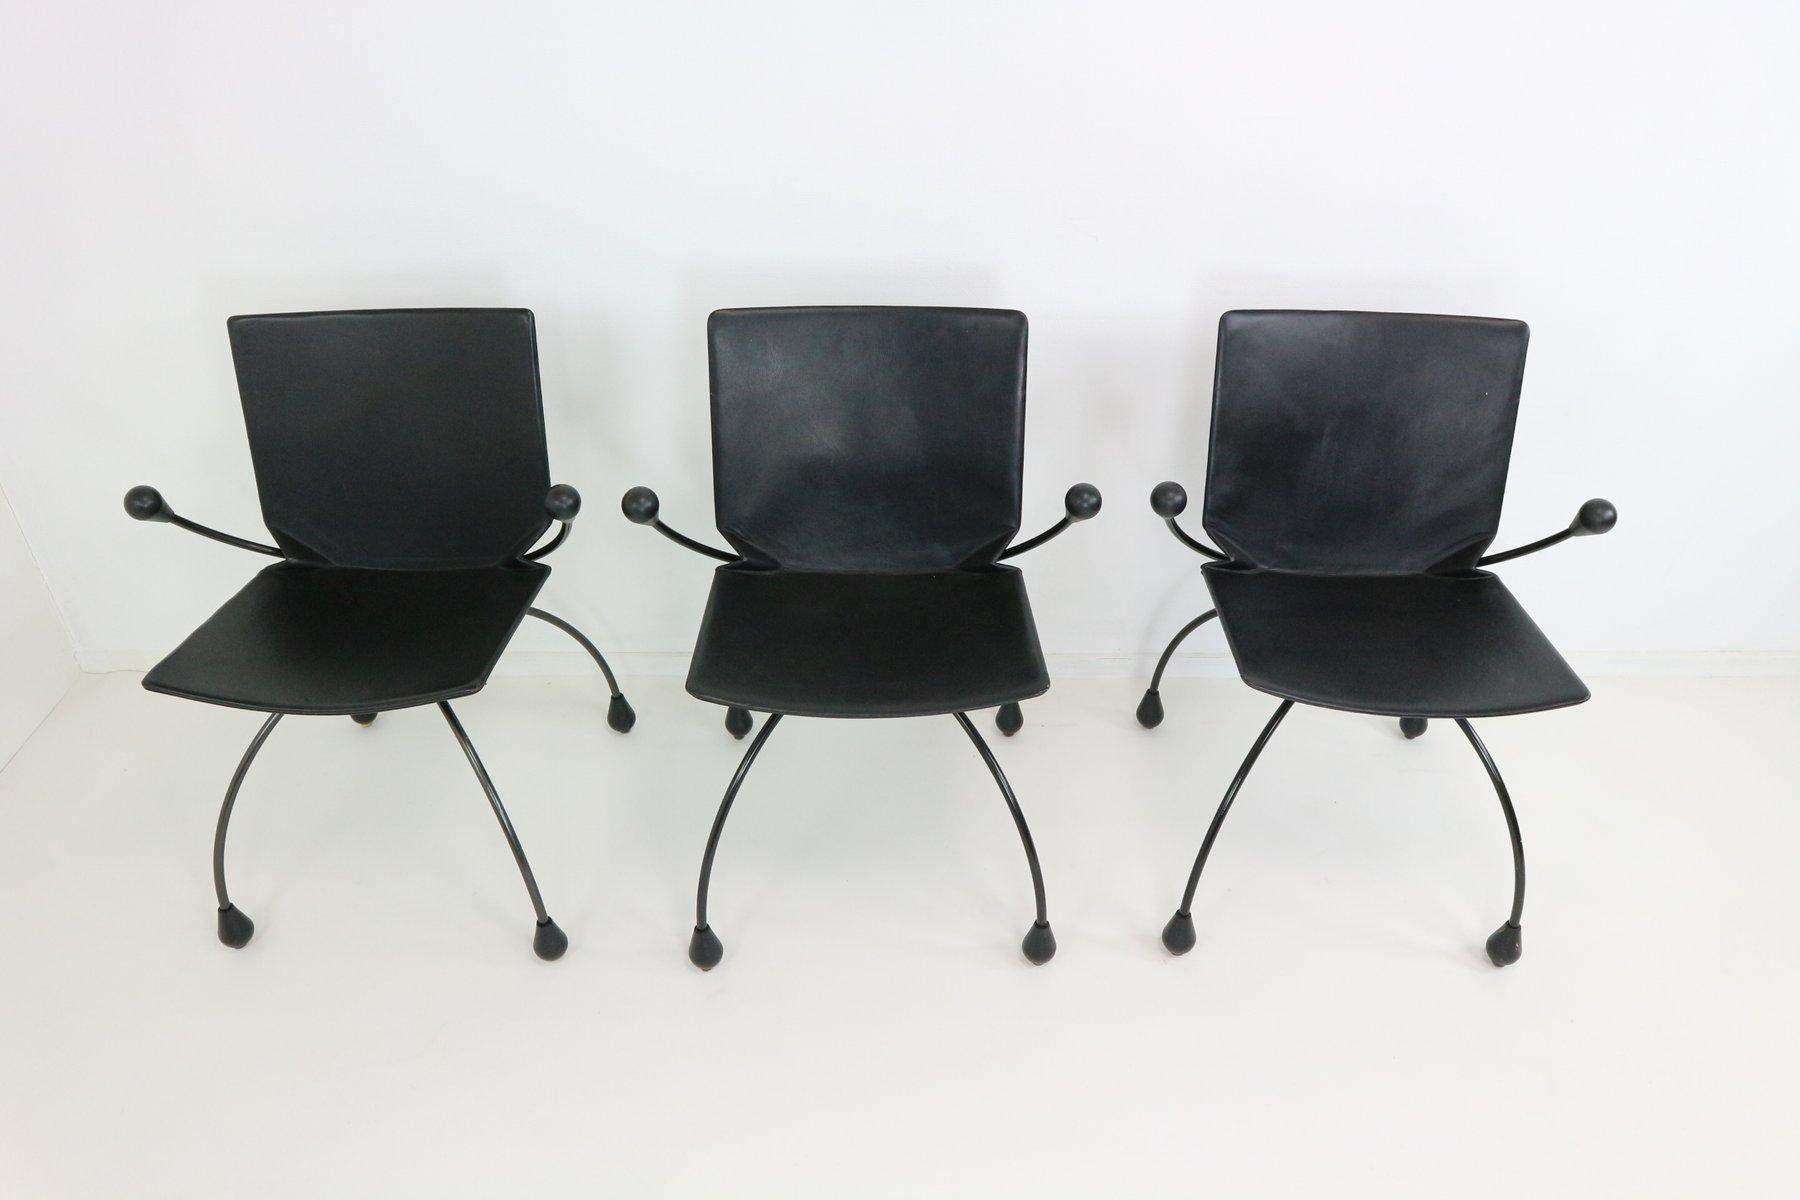 Chaise de salle manger en cuir noir 1980s en vente sur for Chaise cuir noir salle manger